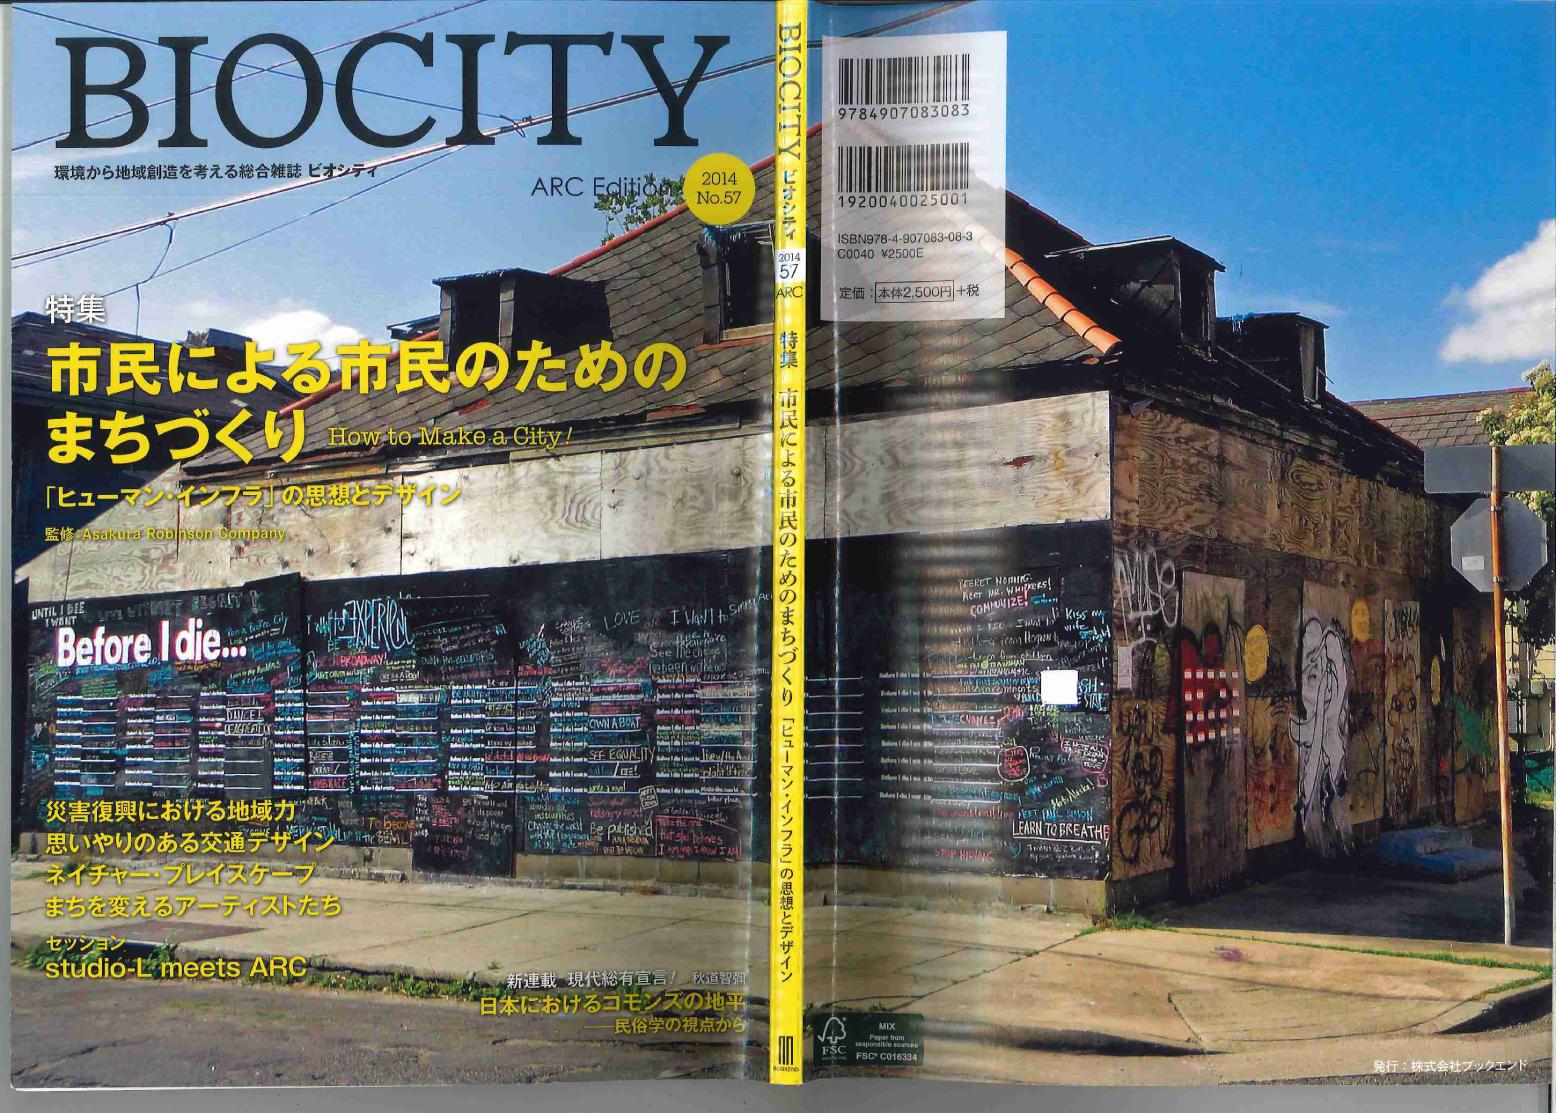 BioCity_How to Make a City-1.jpg